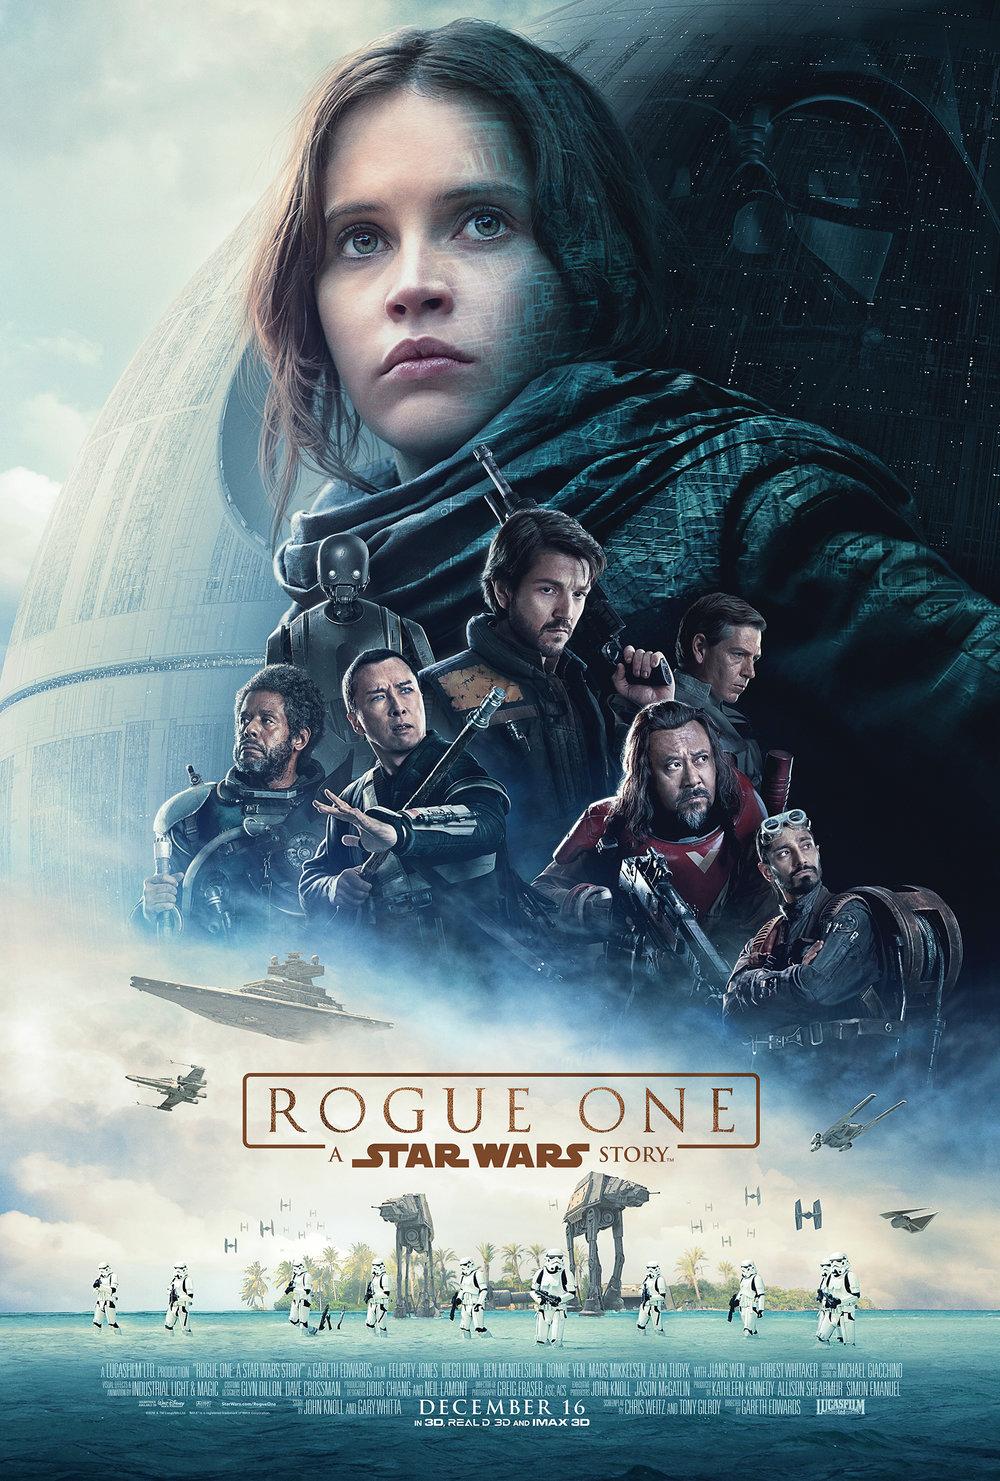 http://www.3dor2d.com/reviews/rogue-one